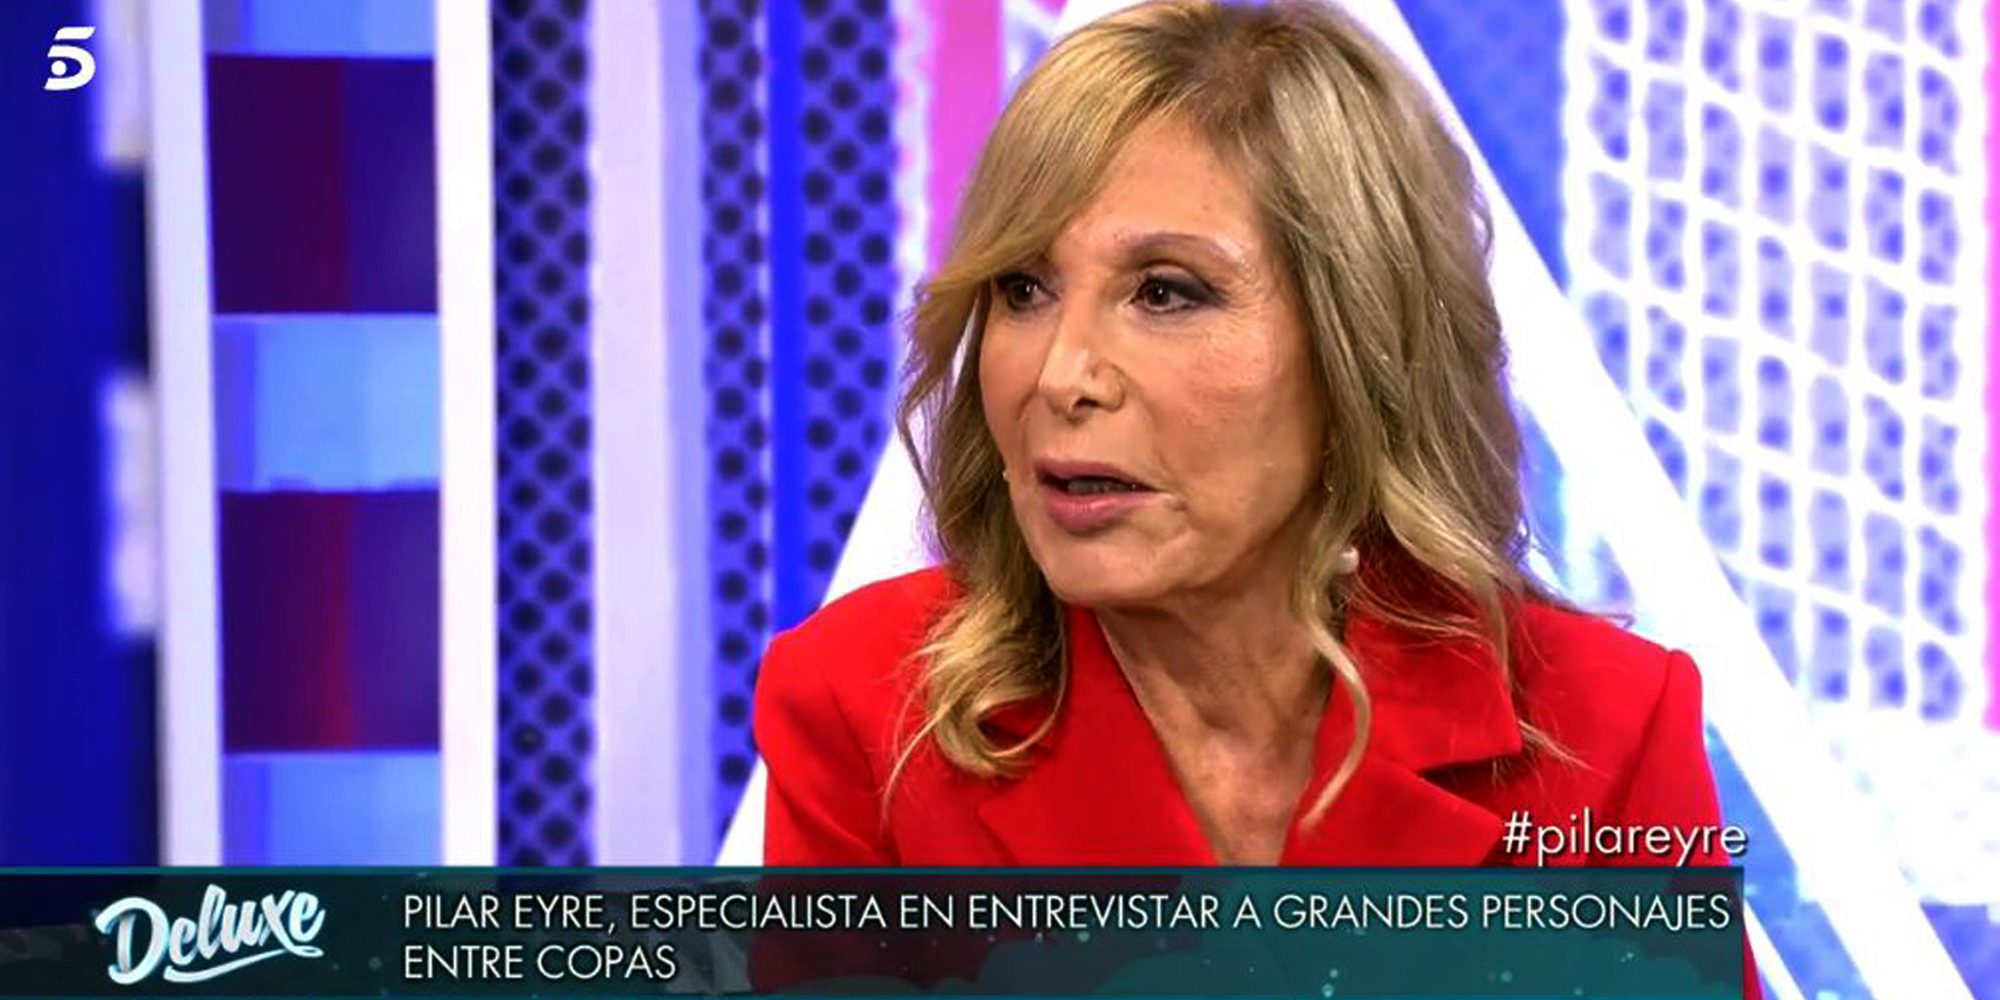 Pilar Eyre parla del seu llibre al 'Sábado Deluxe' / Telecinco